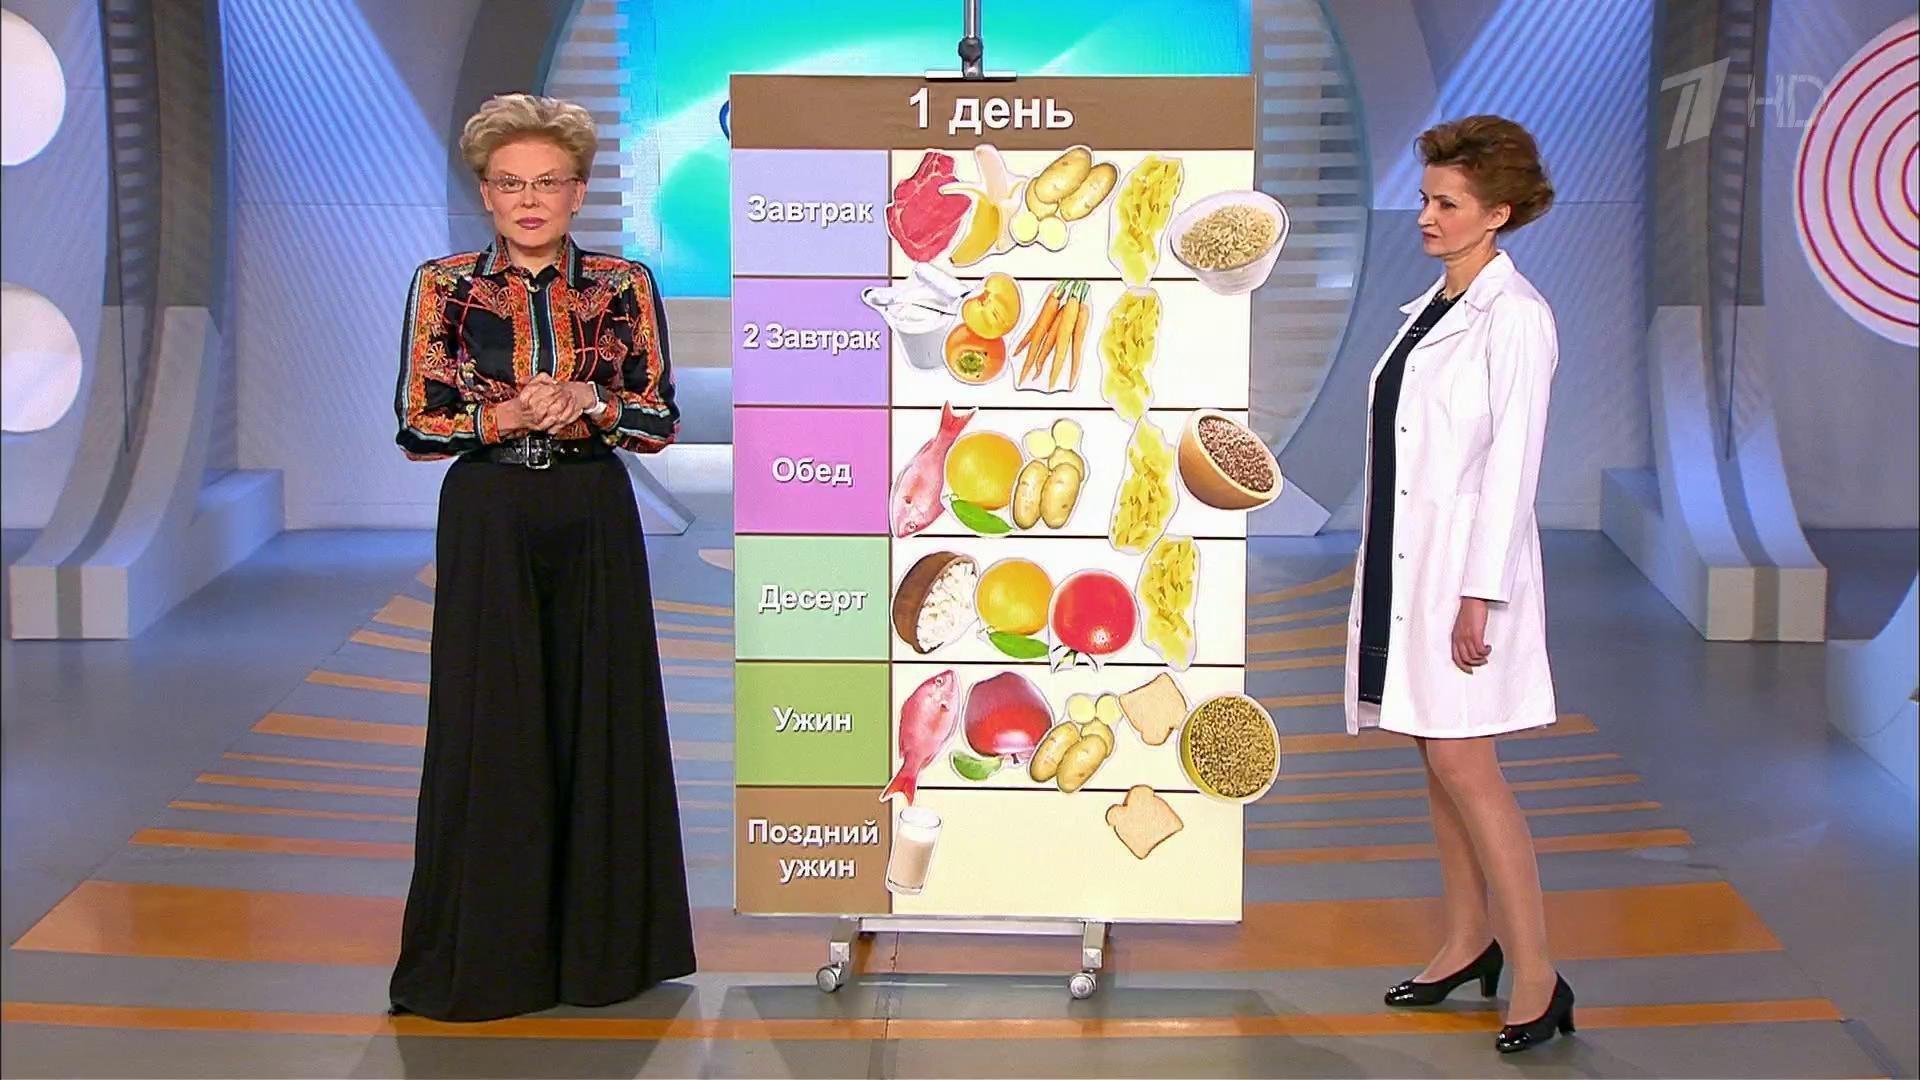 Похудеть Еленой Малышевой. Диета Елены Малышевой: бесплатное меню и рецепты на каждый день